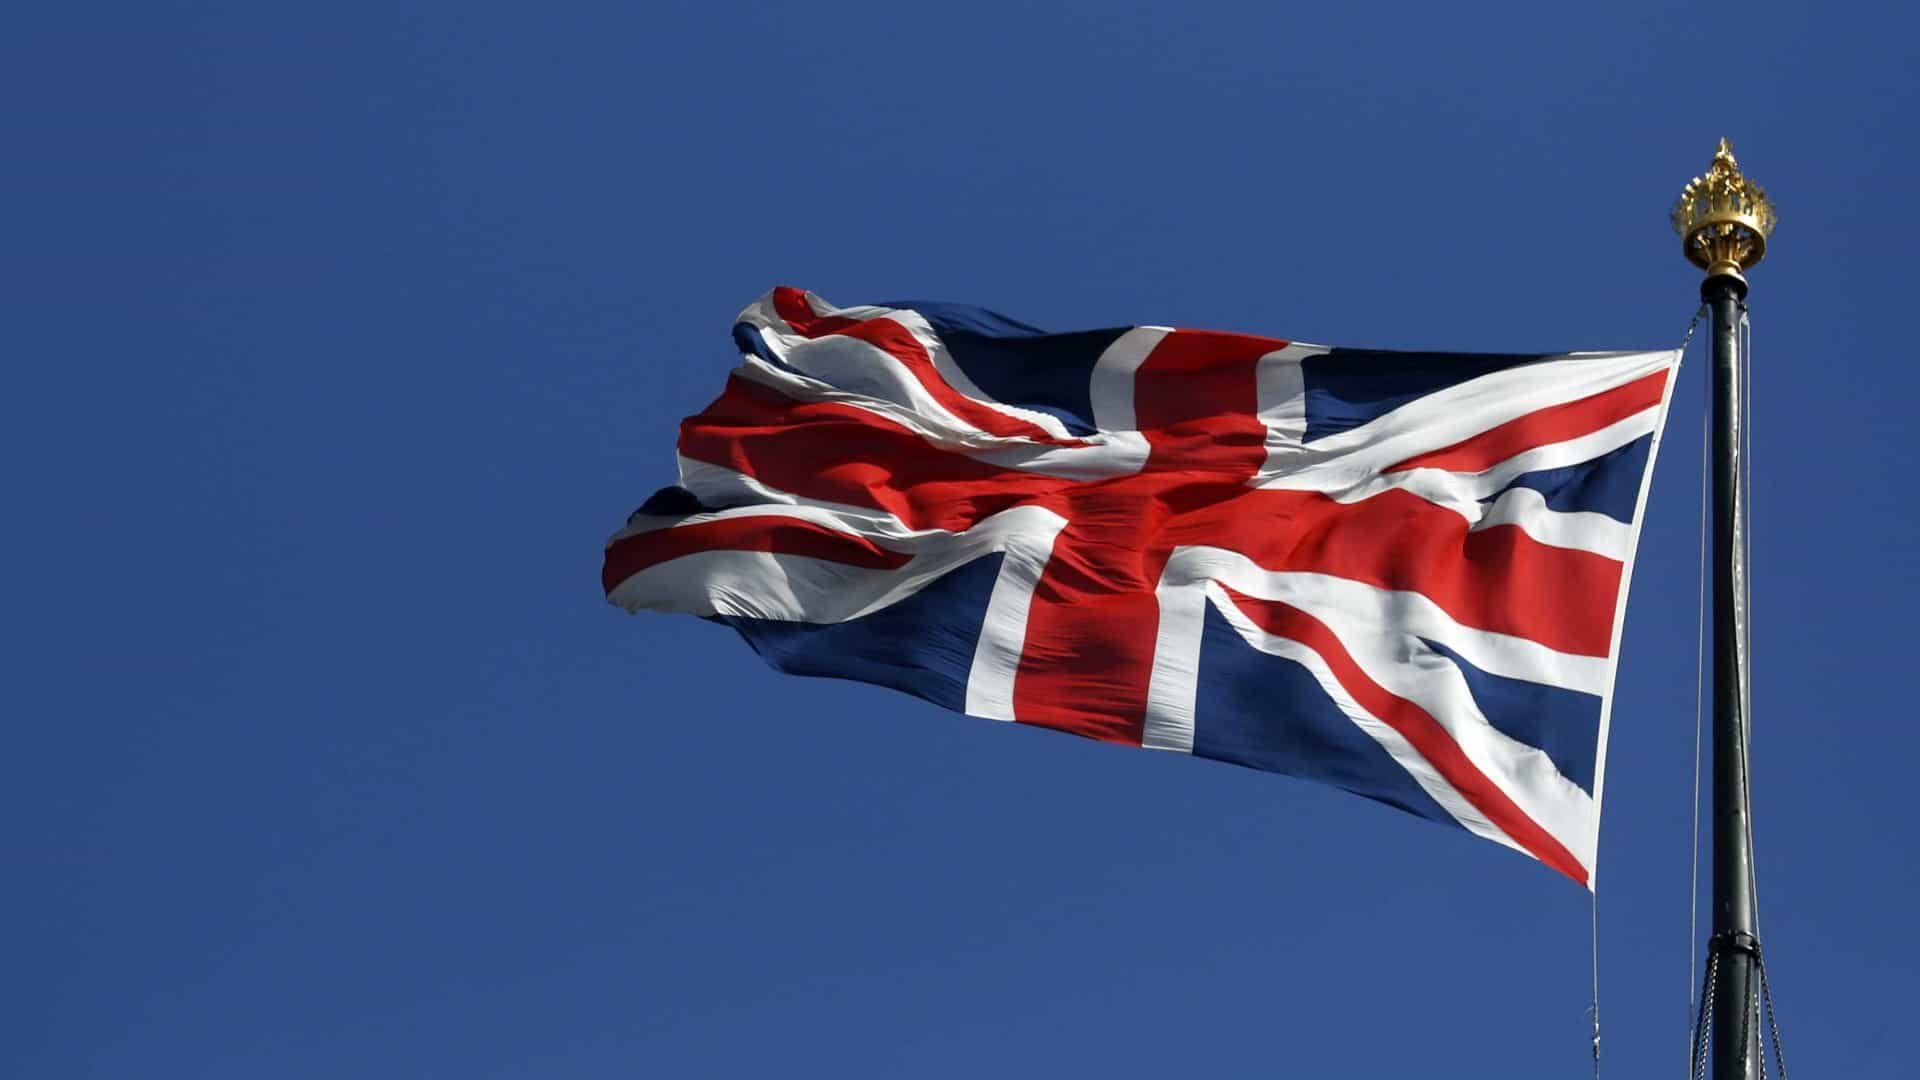 Aumento do número de portugueses registados na segurança social do Reino Unido